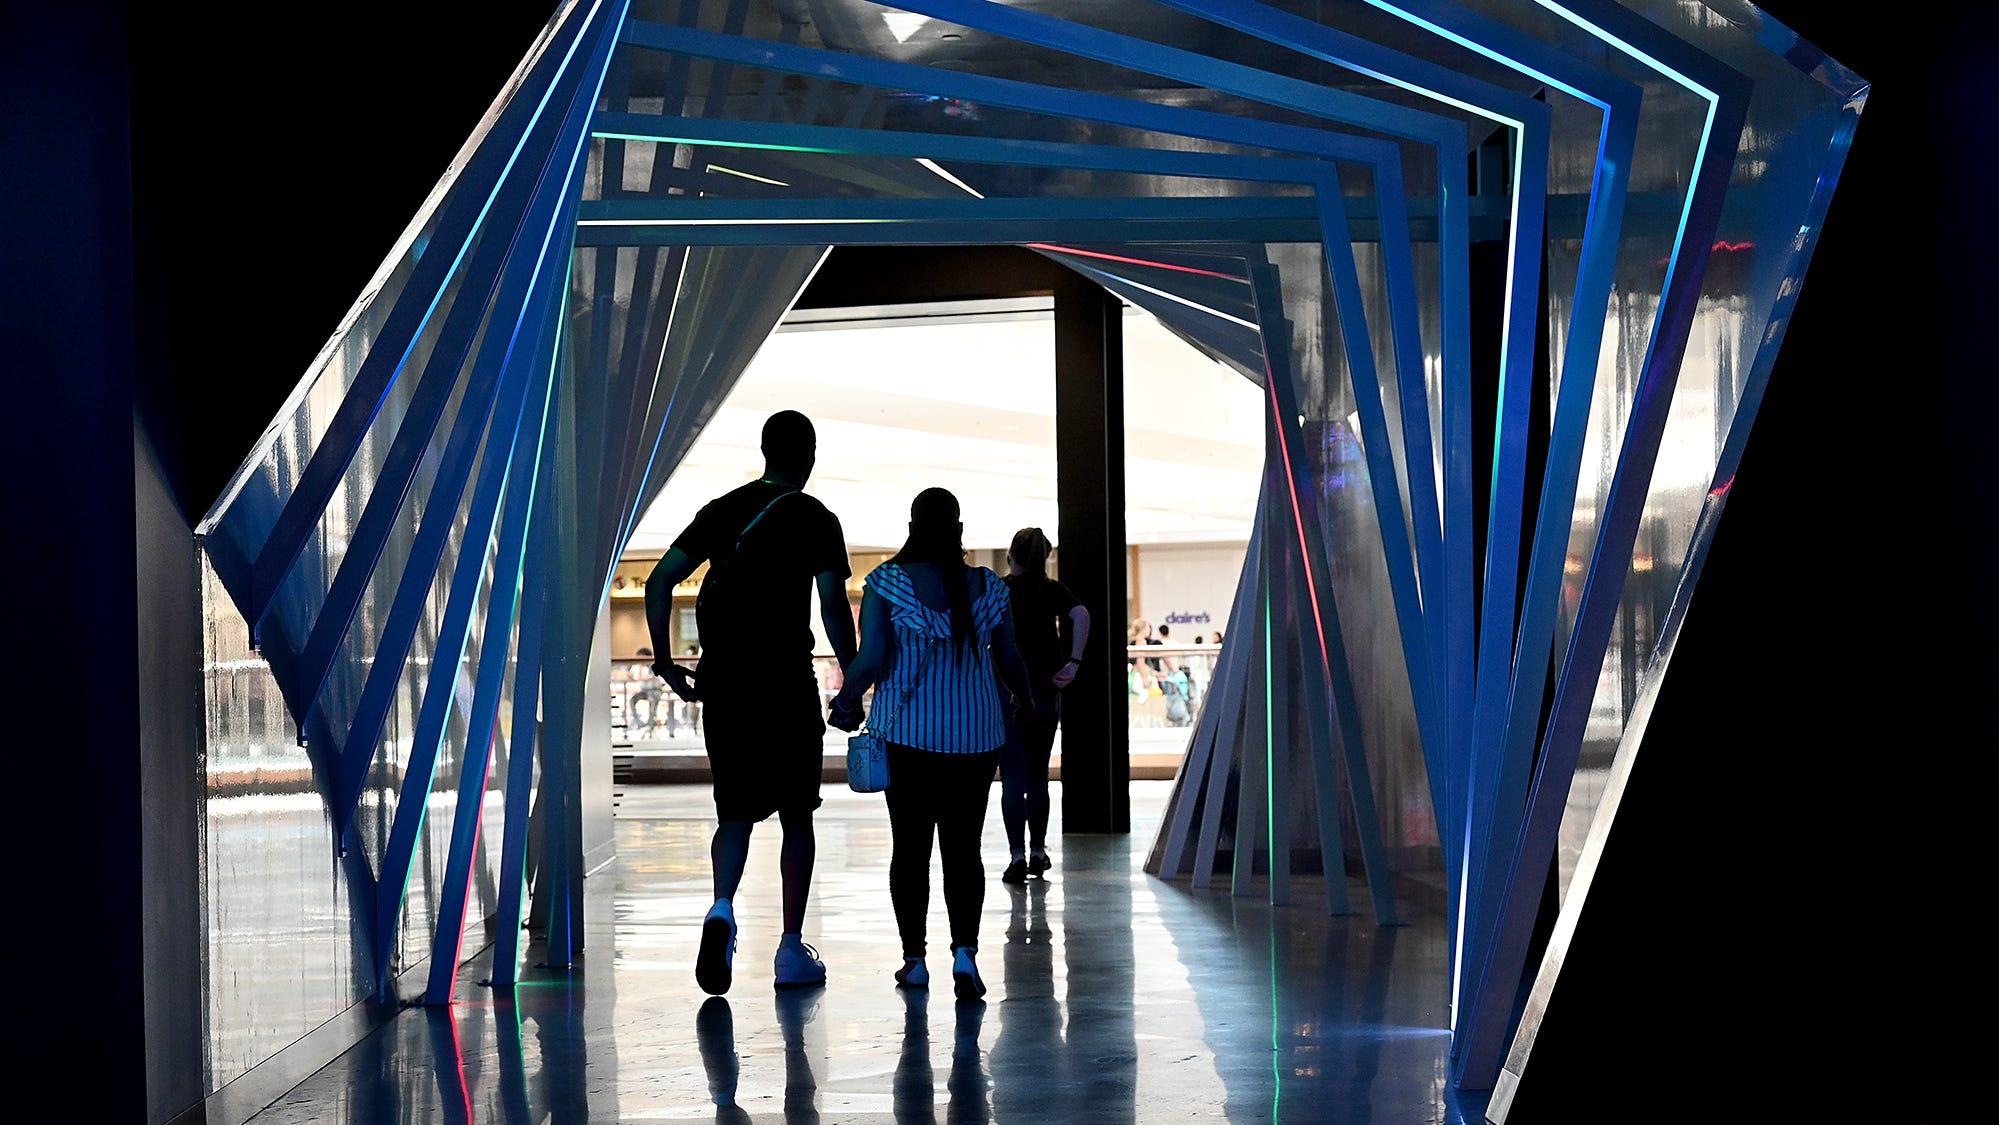 방문객들은 2021 년 6 월 17 일 Natick Mall의 새로운 성인 엔터테인먼트 단지 인 Level99의 터널을 통해 빠져 나갑니다.